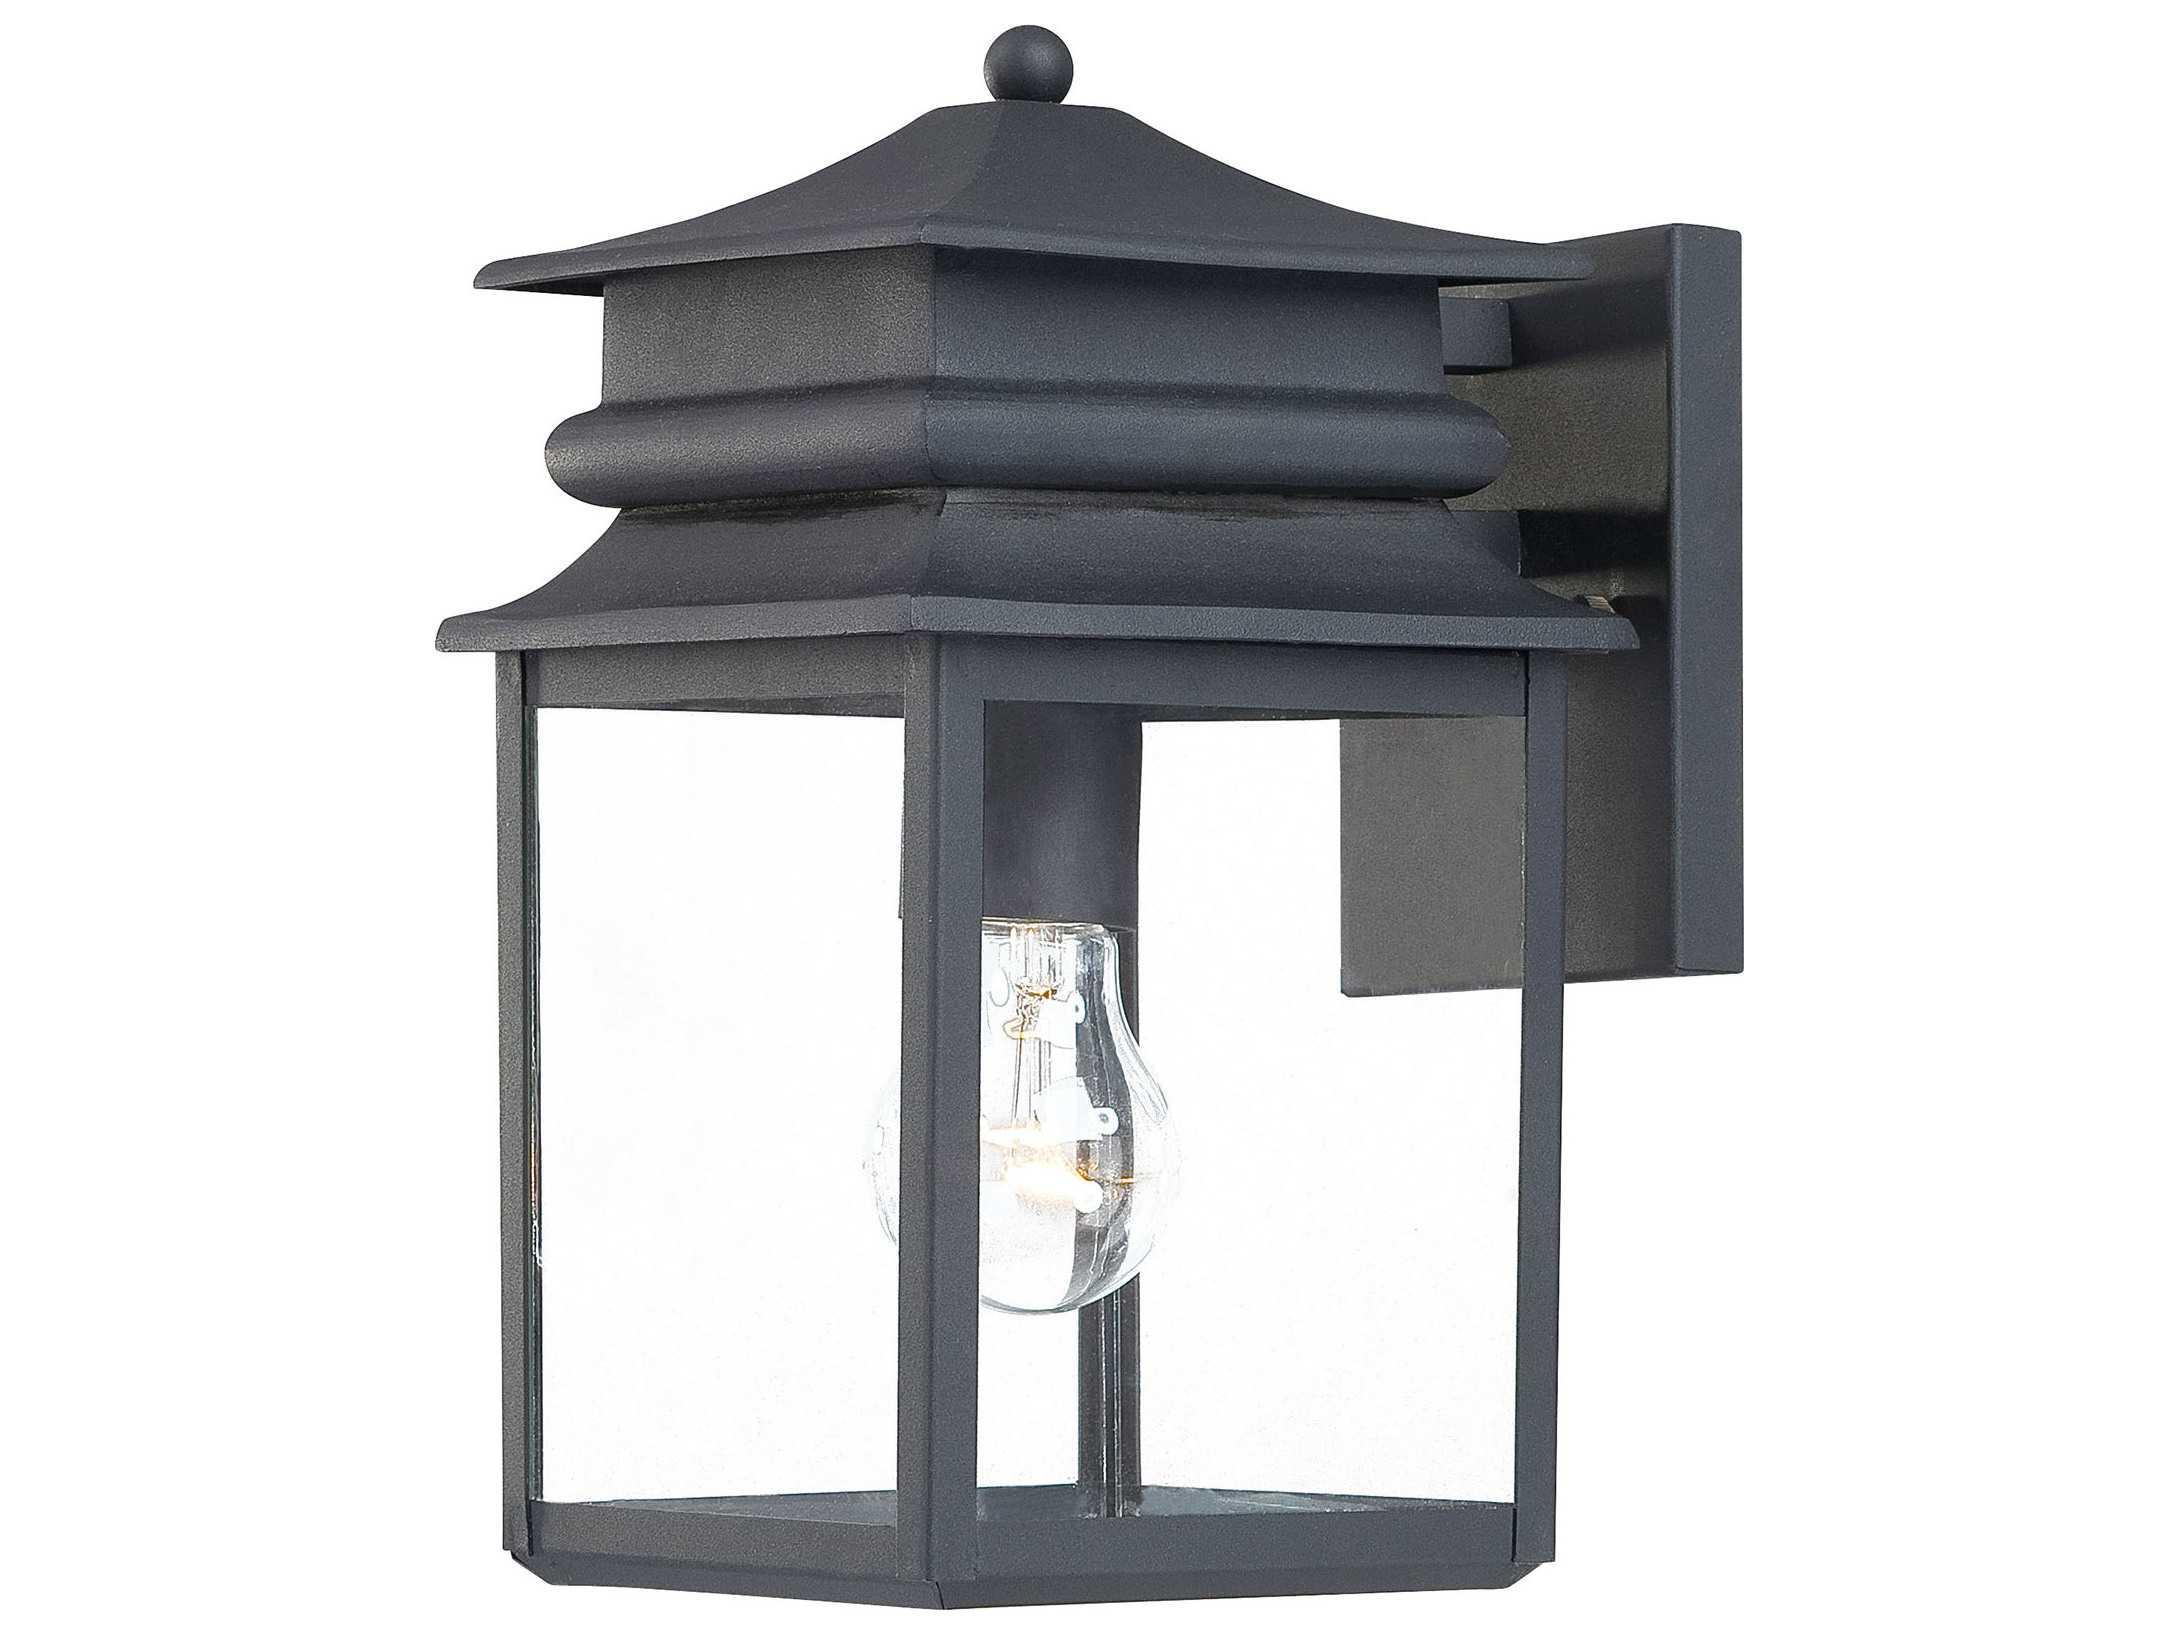 Minka Lavery Winward Manor Black Outdoor Wall Light 72281 66